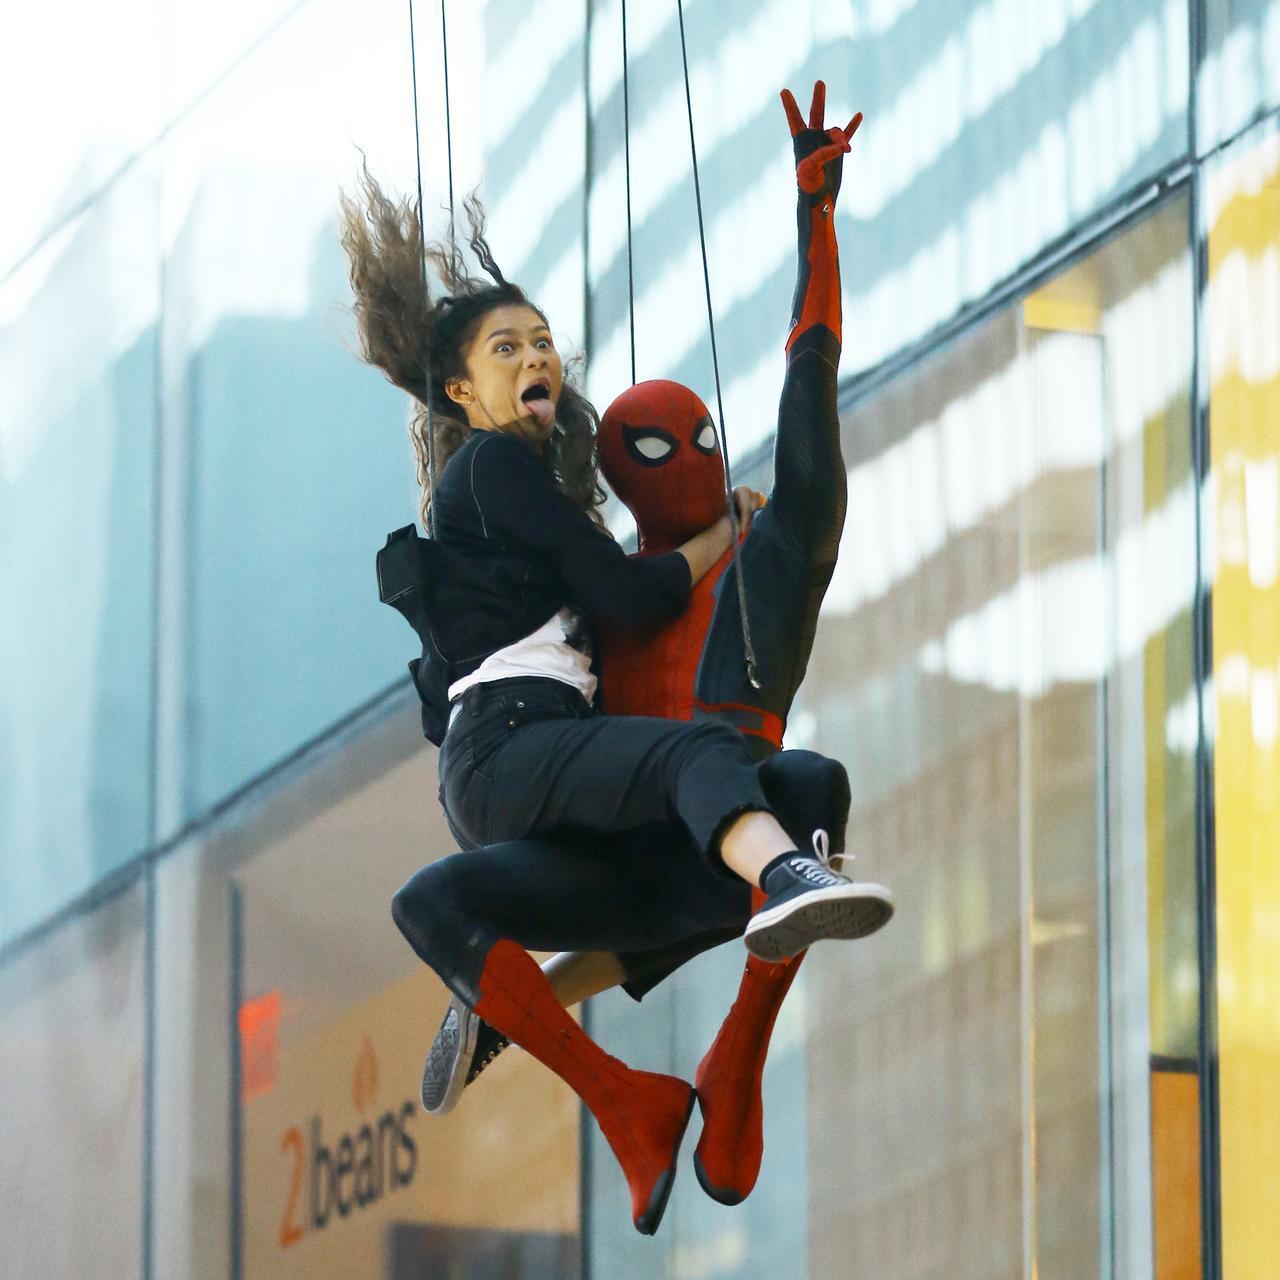 画像5: 『スパイダーマン』撮影中にゼンデイヤがスパイダーマンにしがみつき空中を舞う